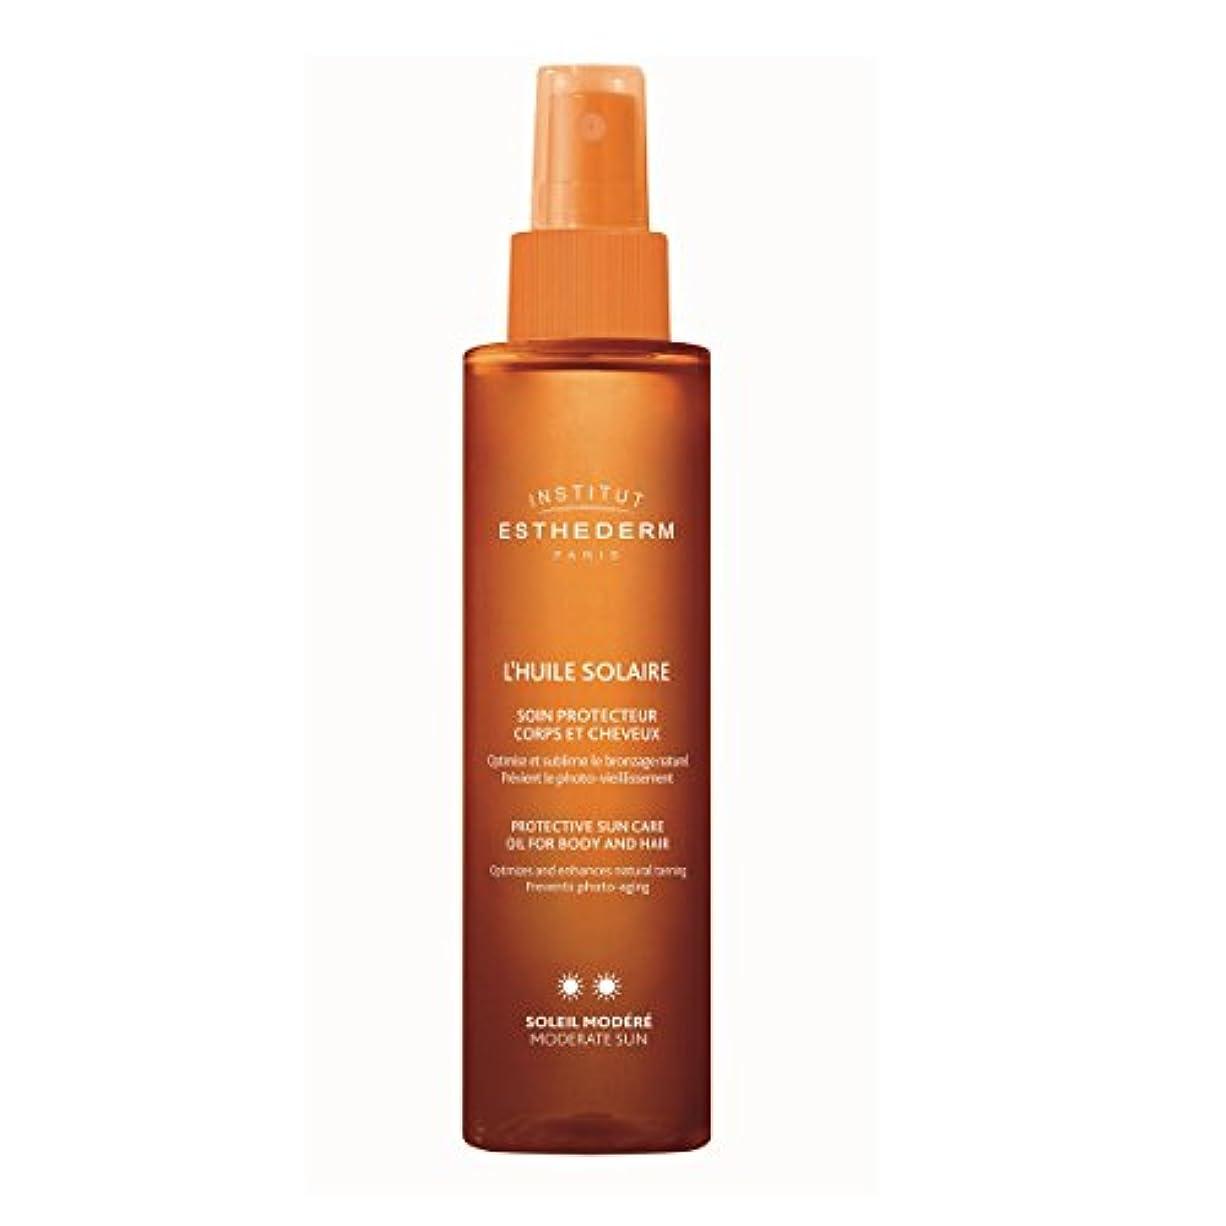 どっち読みやすさ再開Institut Esthederm Protective Sun Care Oil For Body And Hair Moderate Sun 150ml [並行輸入品]